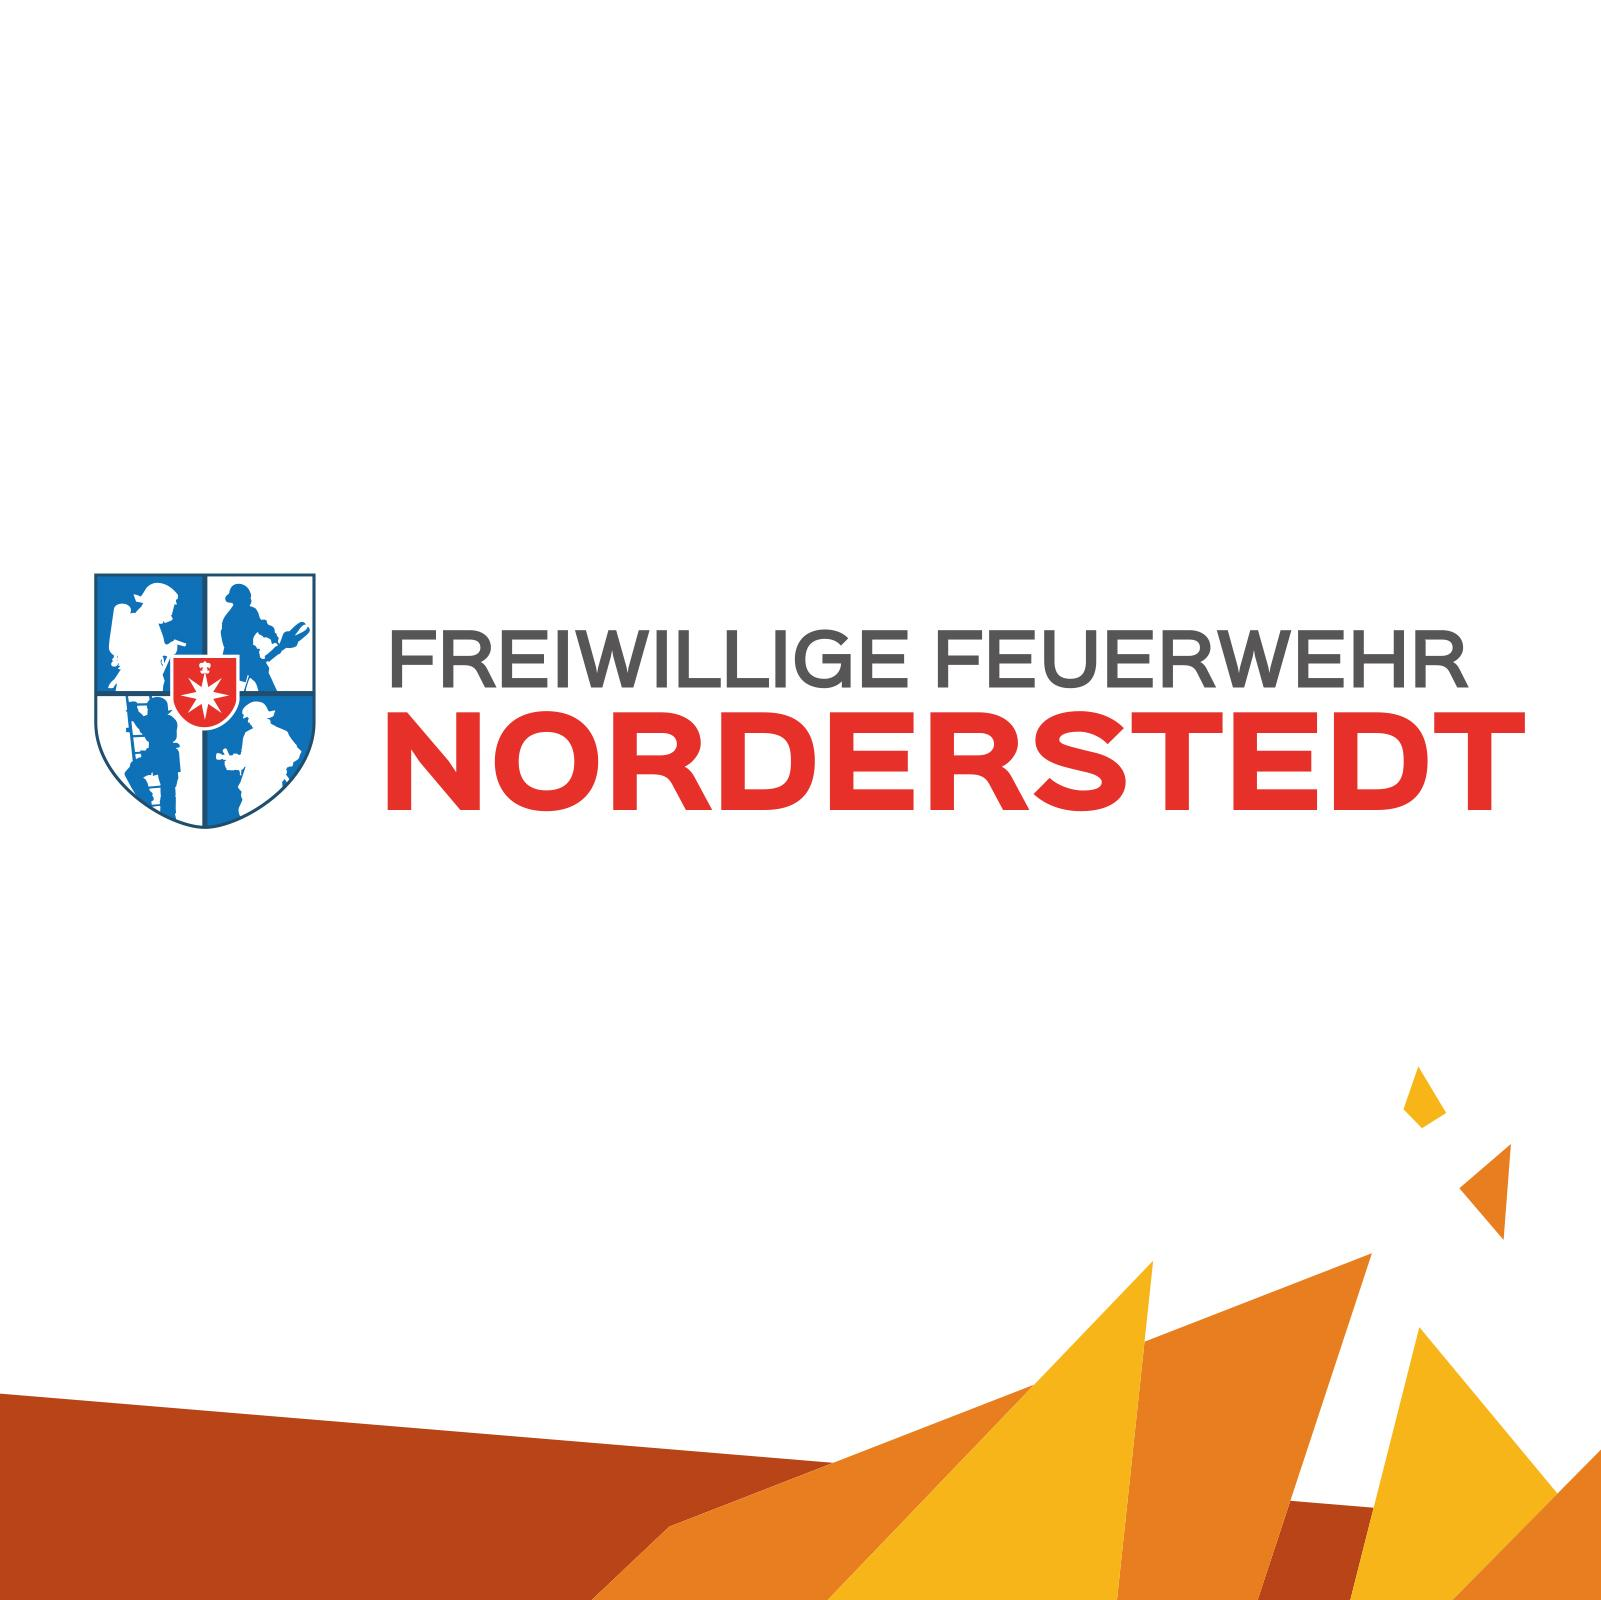 Kuki Design Feuerwehr Norderstedt Vorschau Markenauftritt Logogestaltung Webdesign Umsetzung Corporate Design